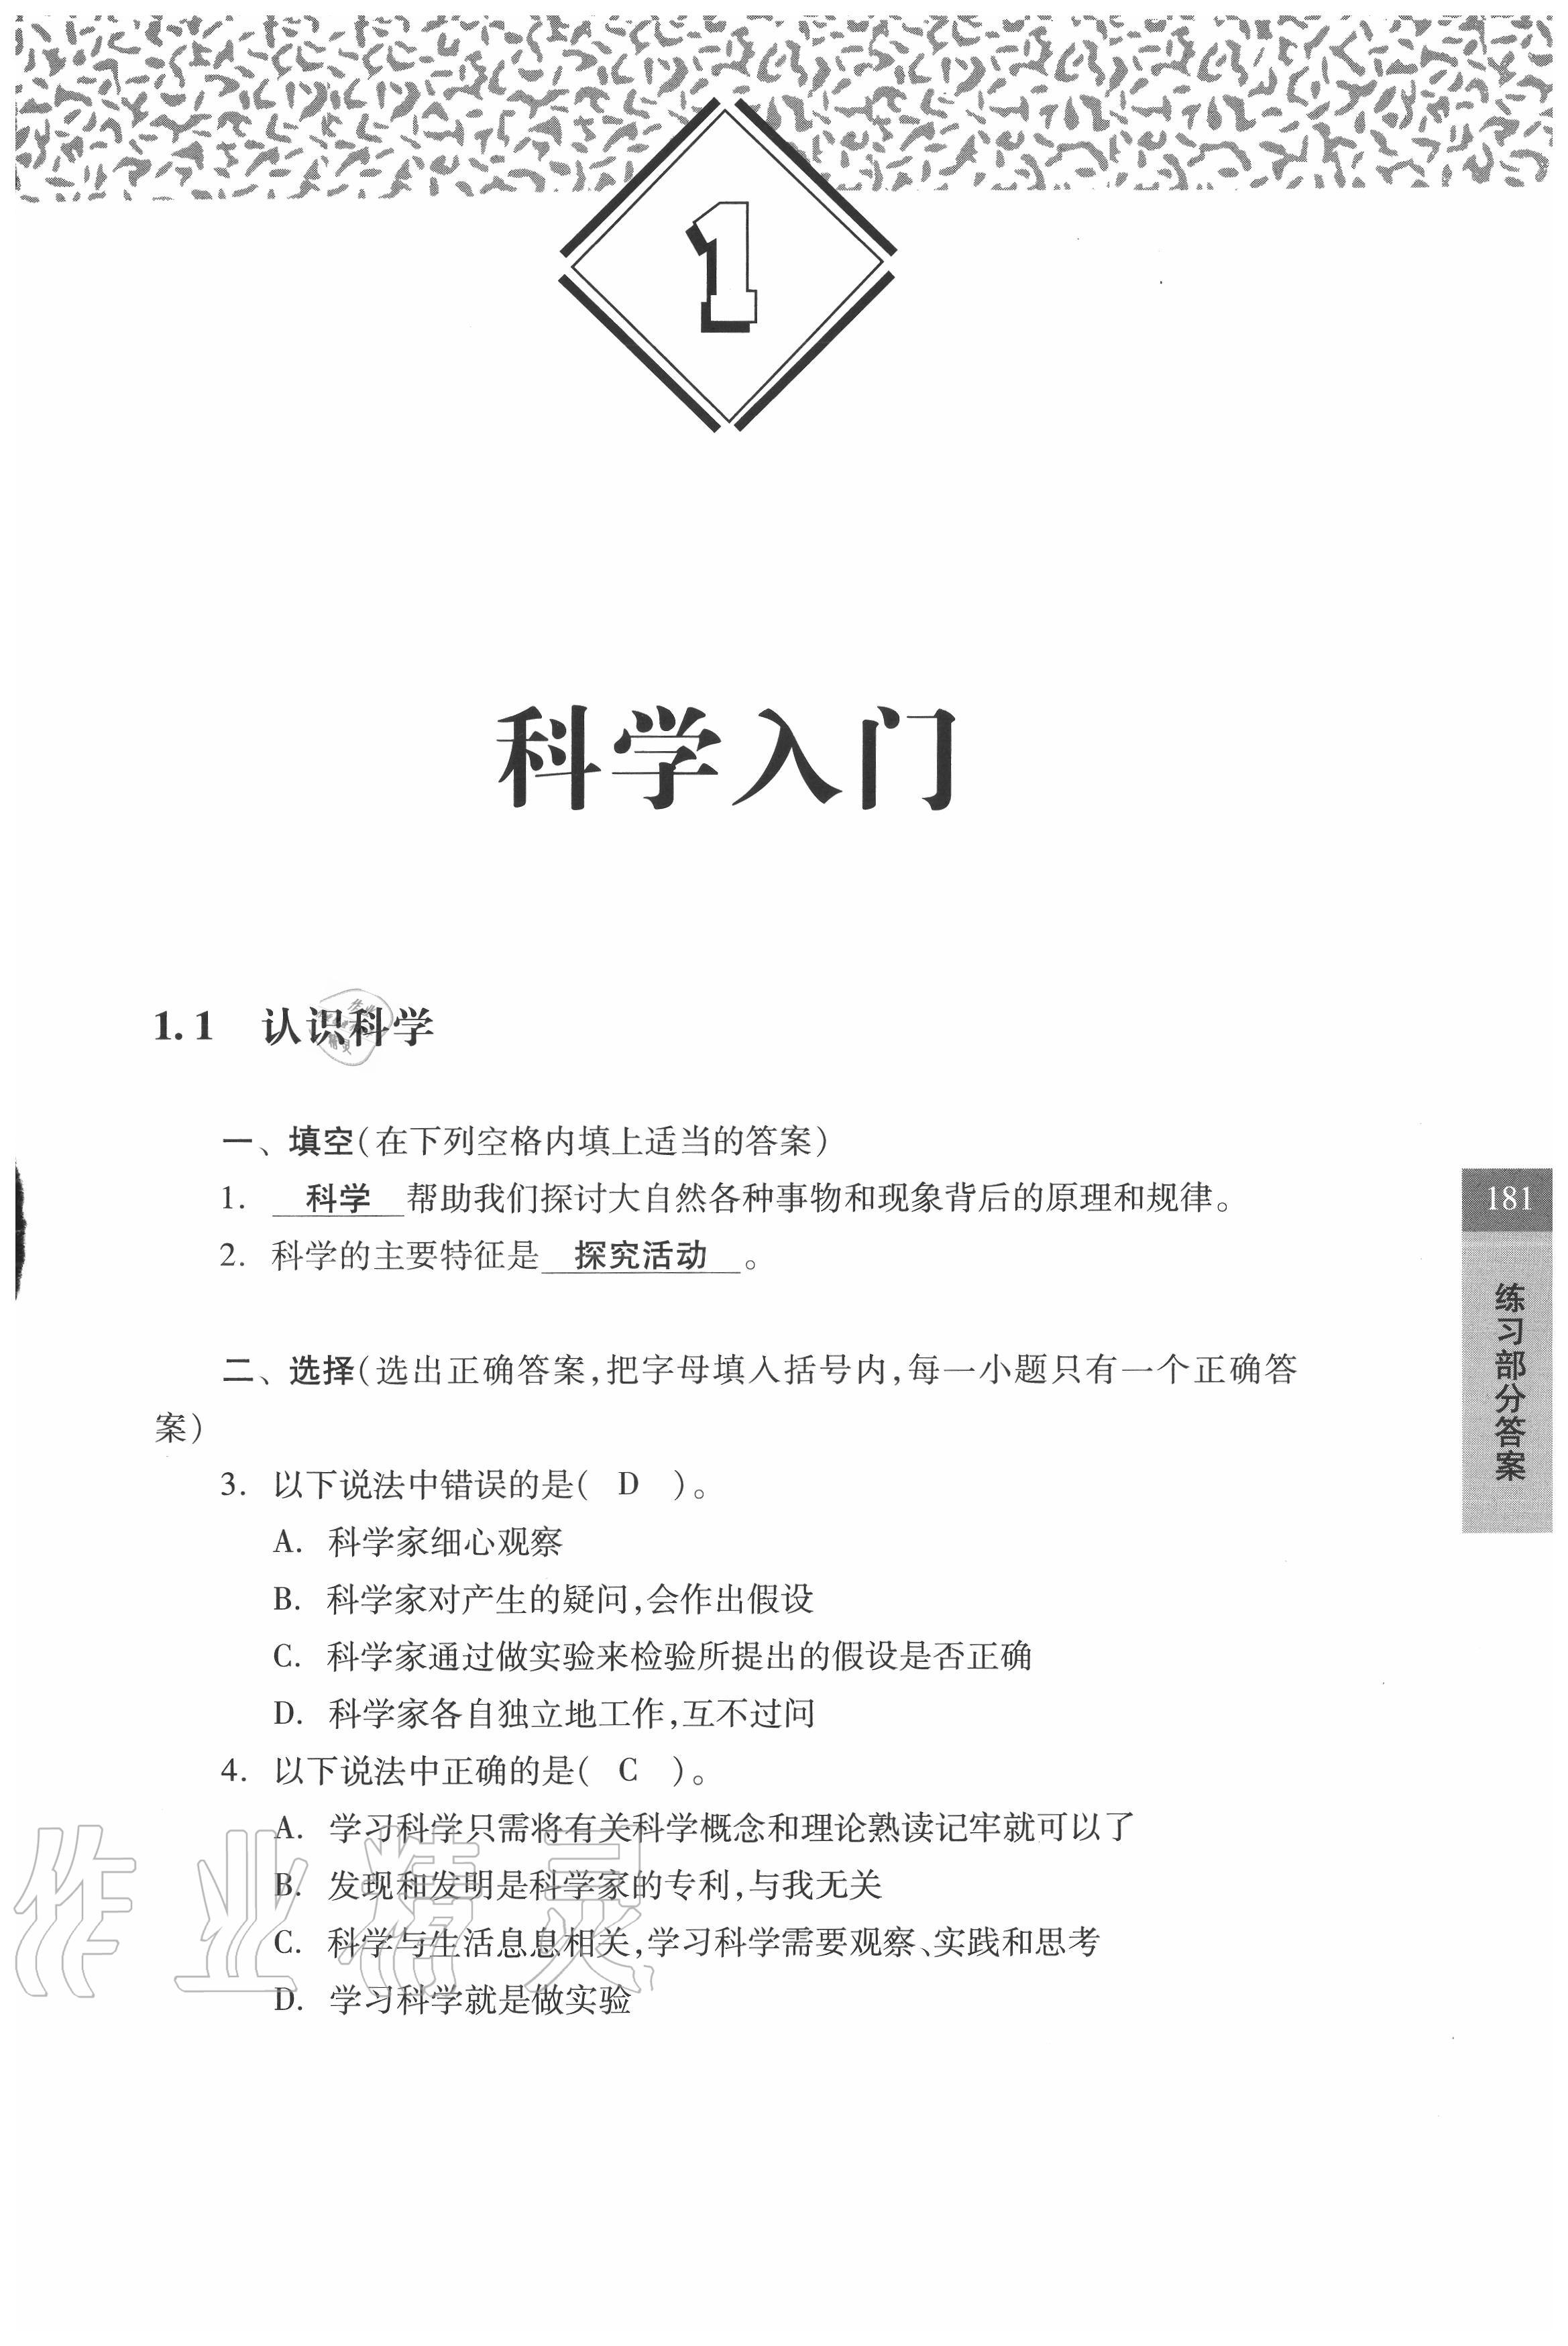 2020年练习部分六年级科学上册牛津上海版第1页